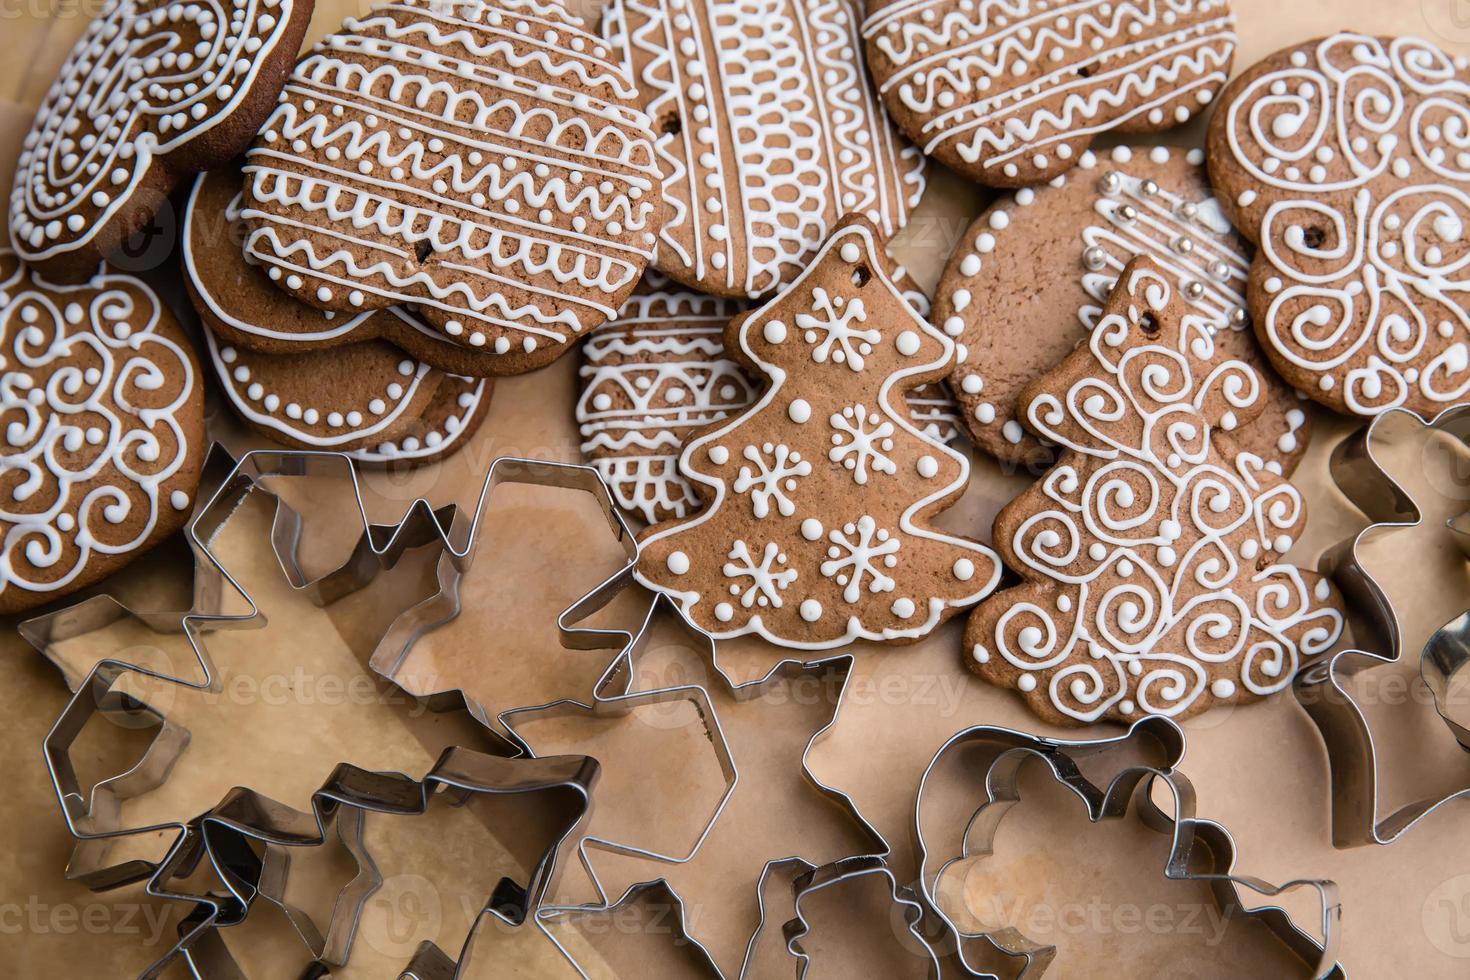 pan di zenzero decorato e formine per biscotti da tagliare foto